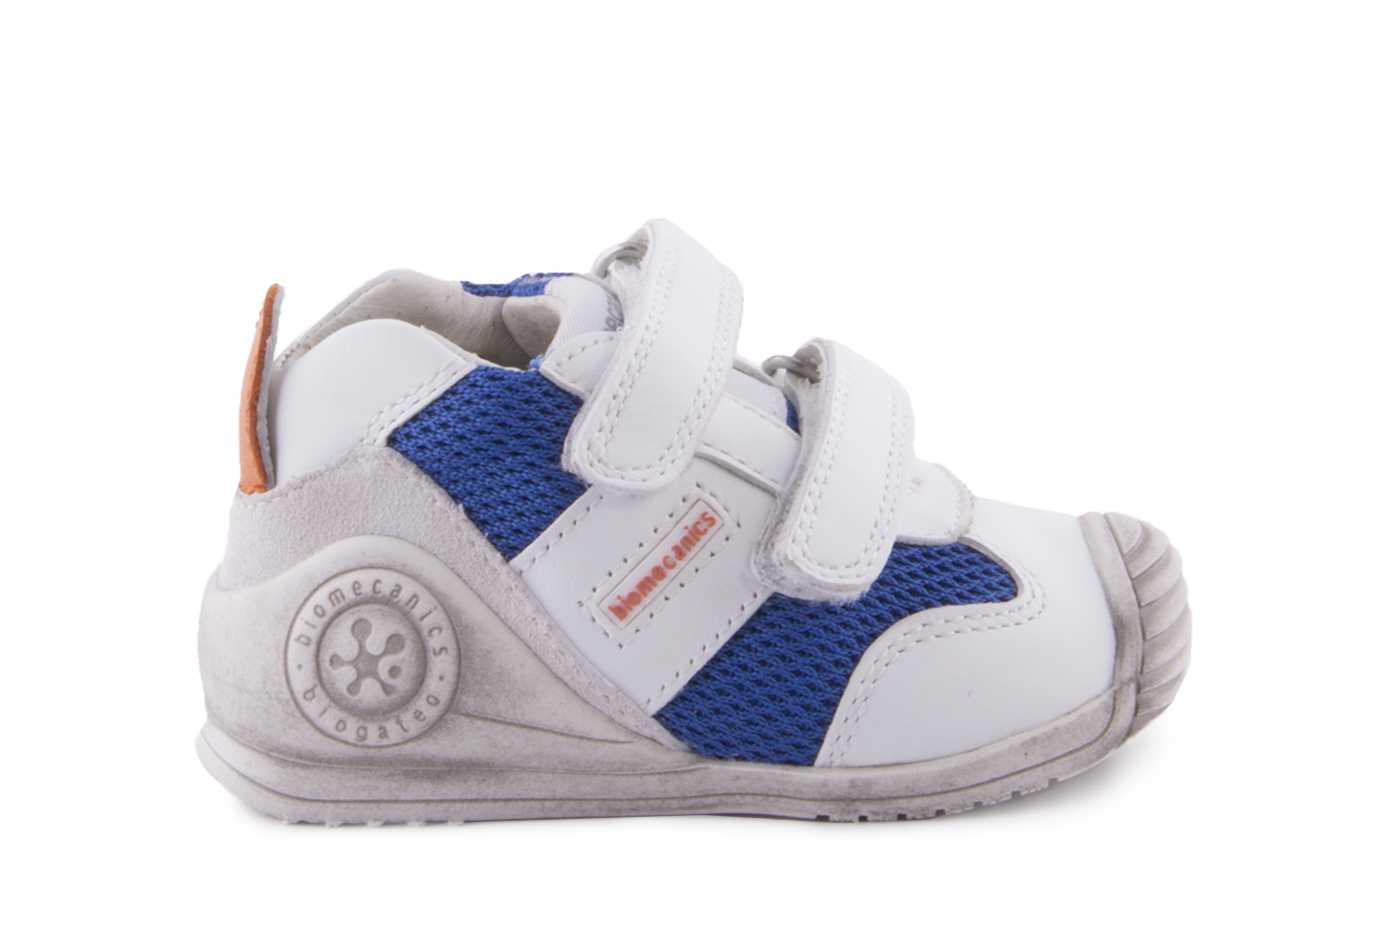 973f5b51725 Comprar zapato tipo PREANDANTE NIÑO estilo BOTAS COLOR BLANCO PIEL ...